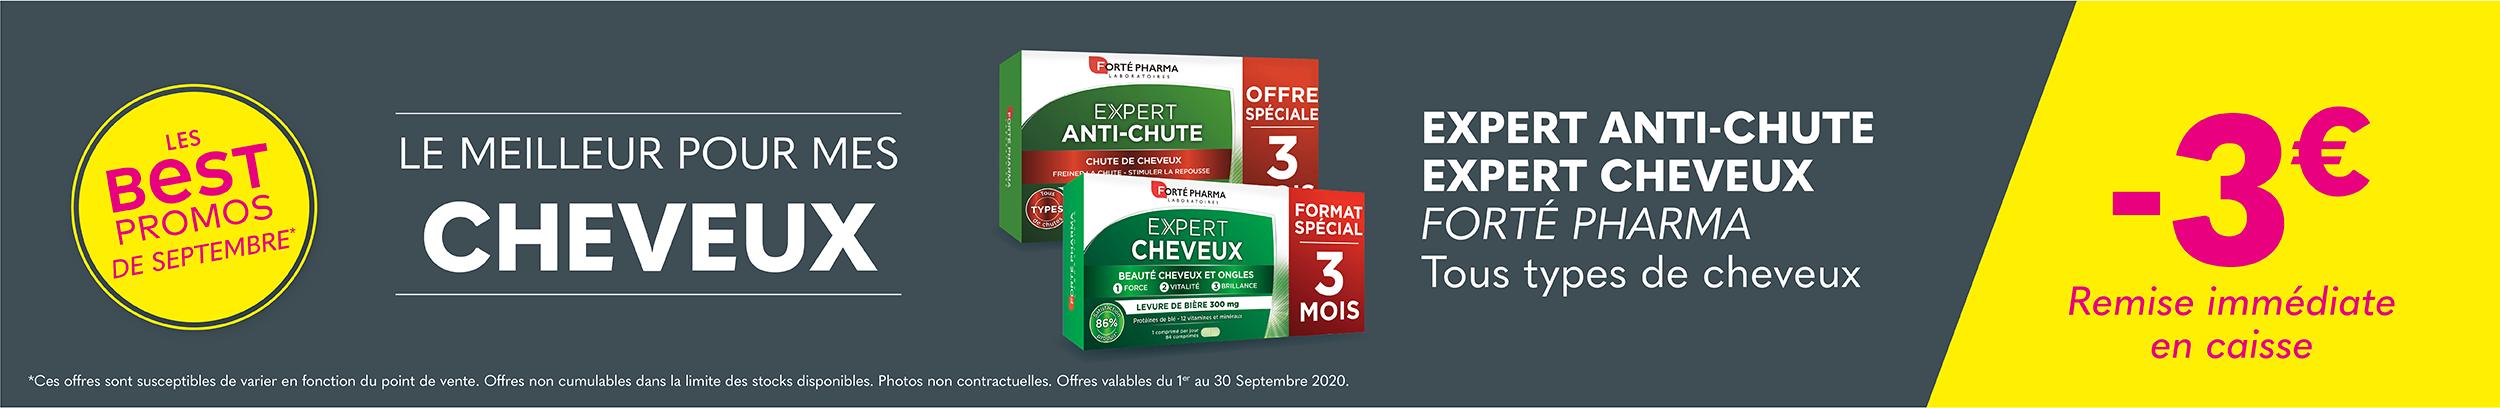 EXPERT ANTI-CHUTE EXPERT CHEVEUX - FORTÉ PHARMA - Tous types de cheveux